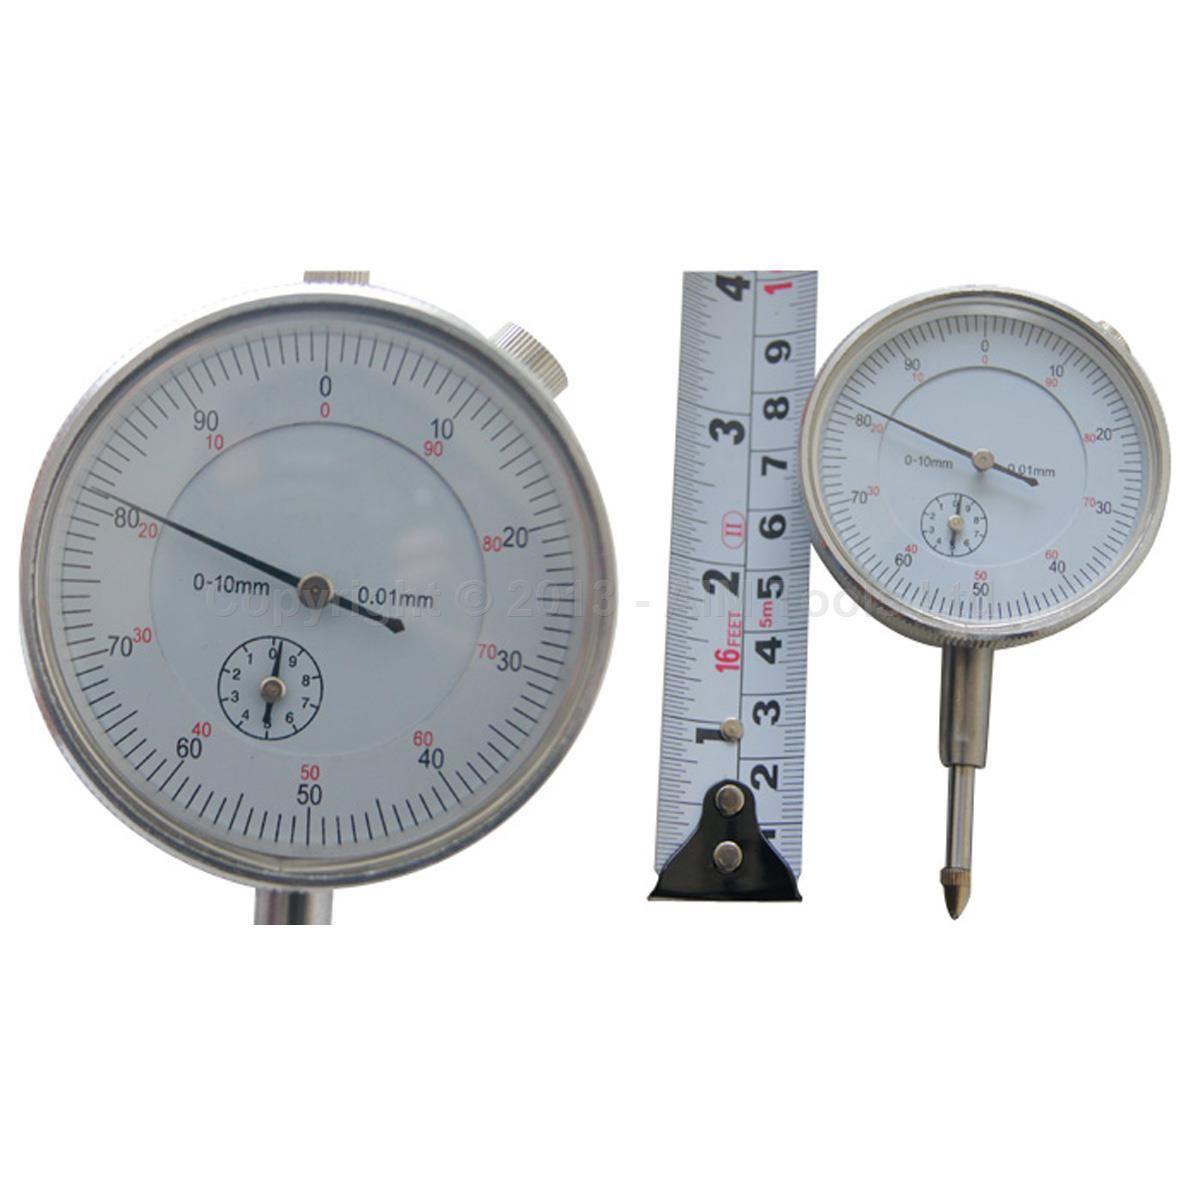 401120 Quadrante Indicatore Precisione Esterno Misurazione